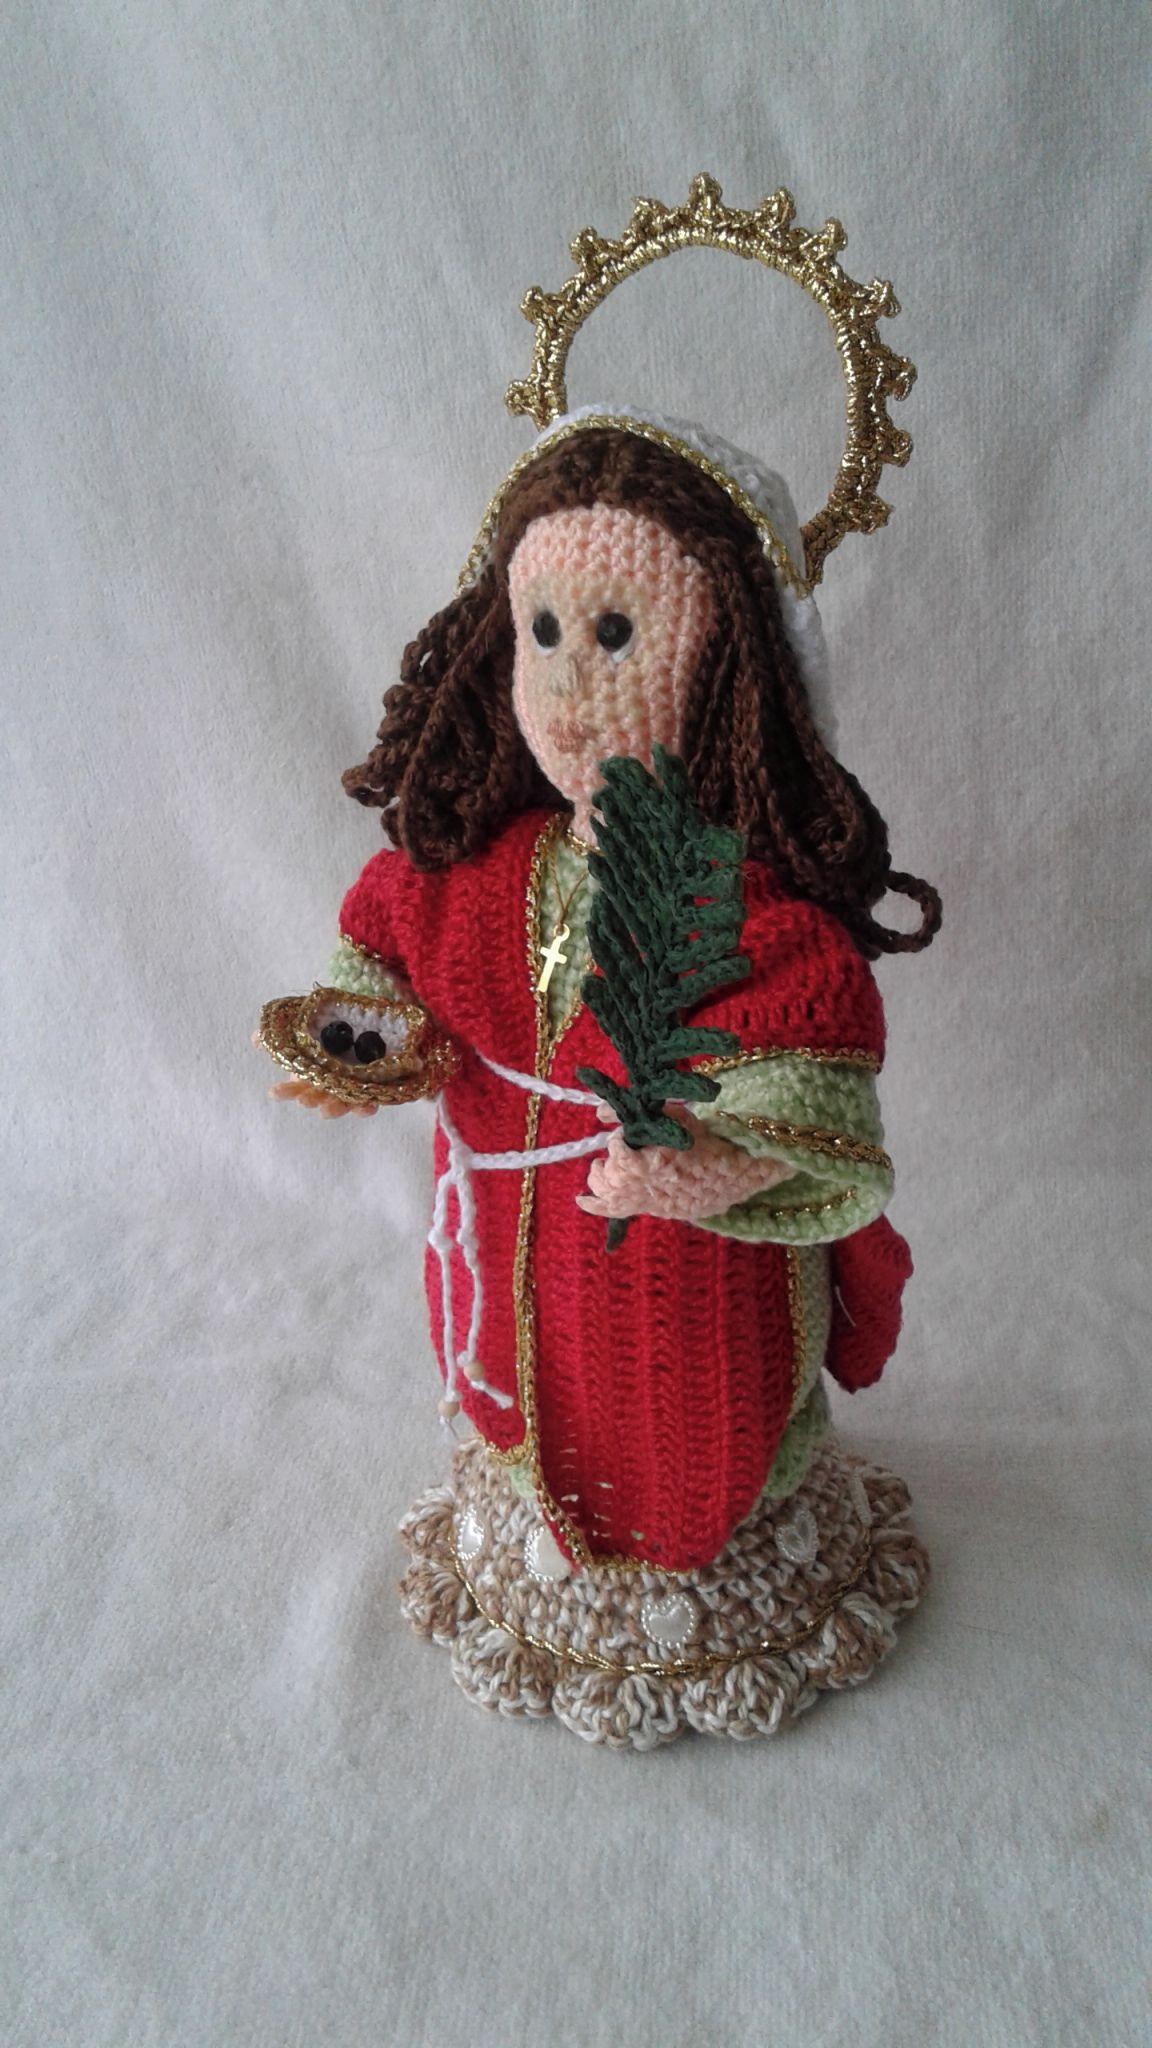 1119 Best Crochet images in 2020   Crochet, Crochet patterns ...   2048x1152